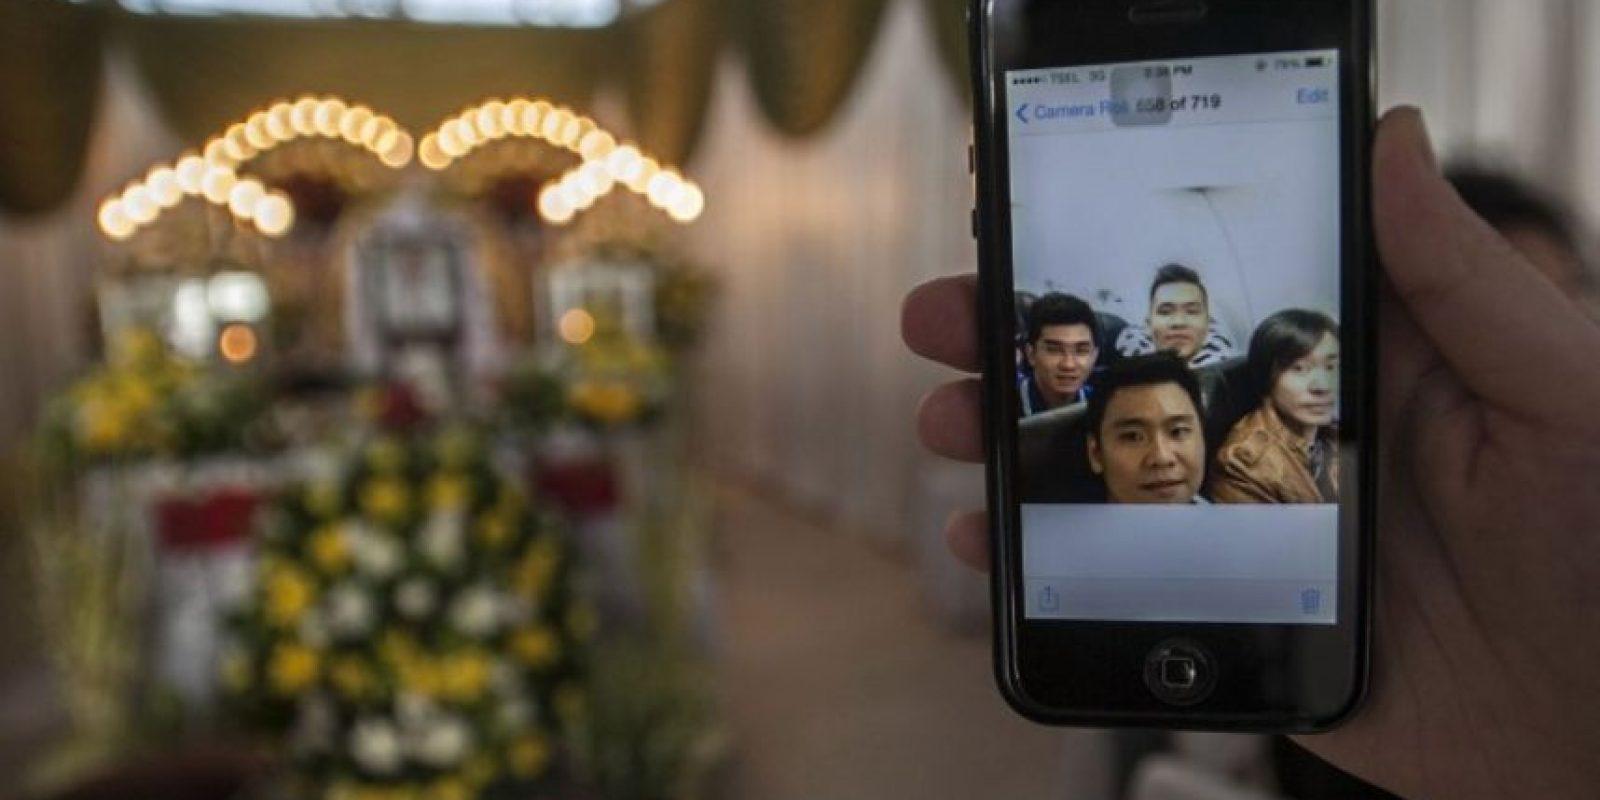 La última selfie de los tripulantes del vuelo QZ851 de AirAsia, que se accidentó el 28 de diciembre de 2014 Foto:AFP